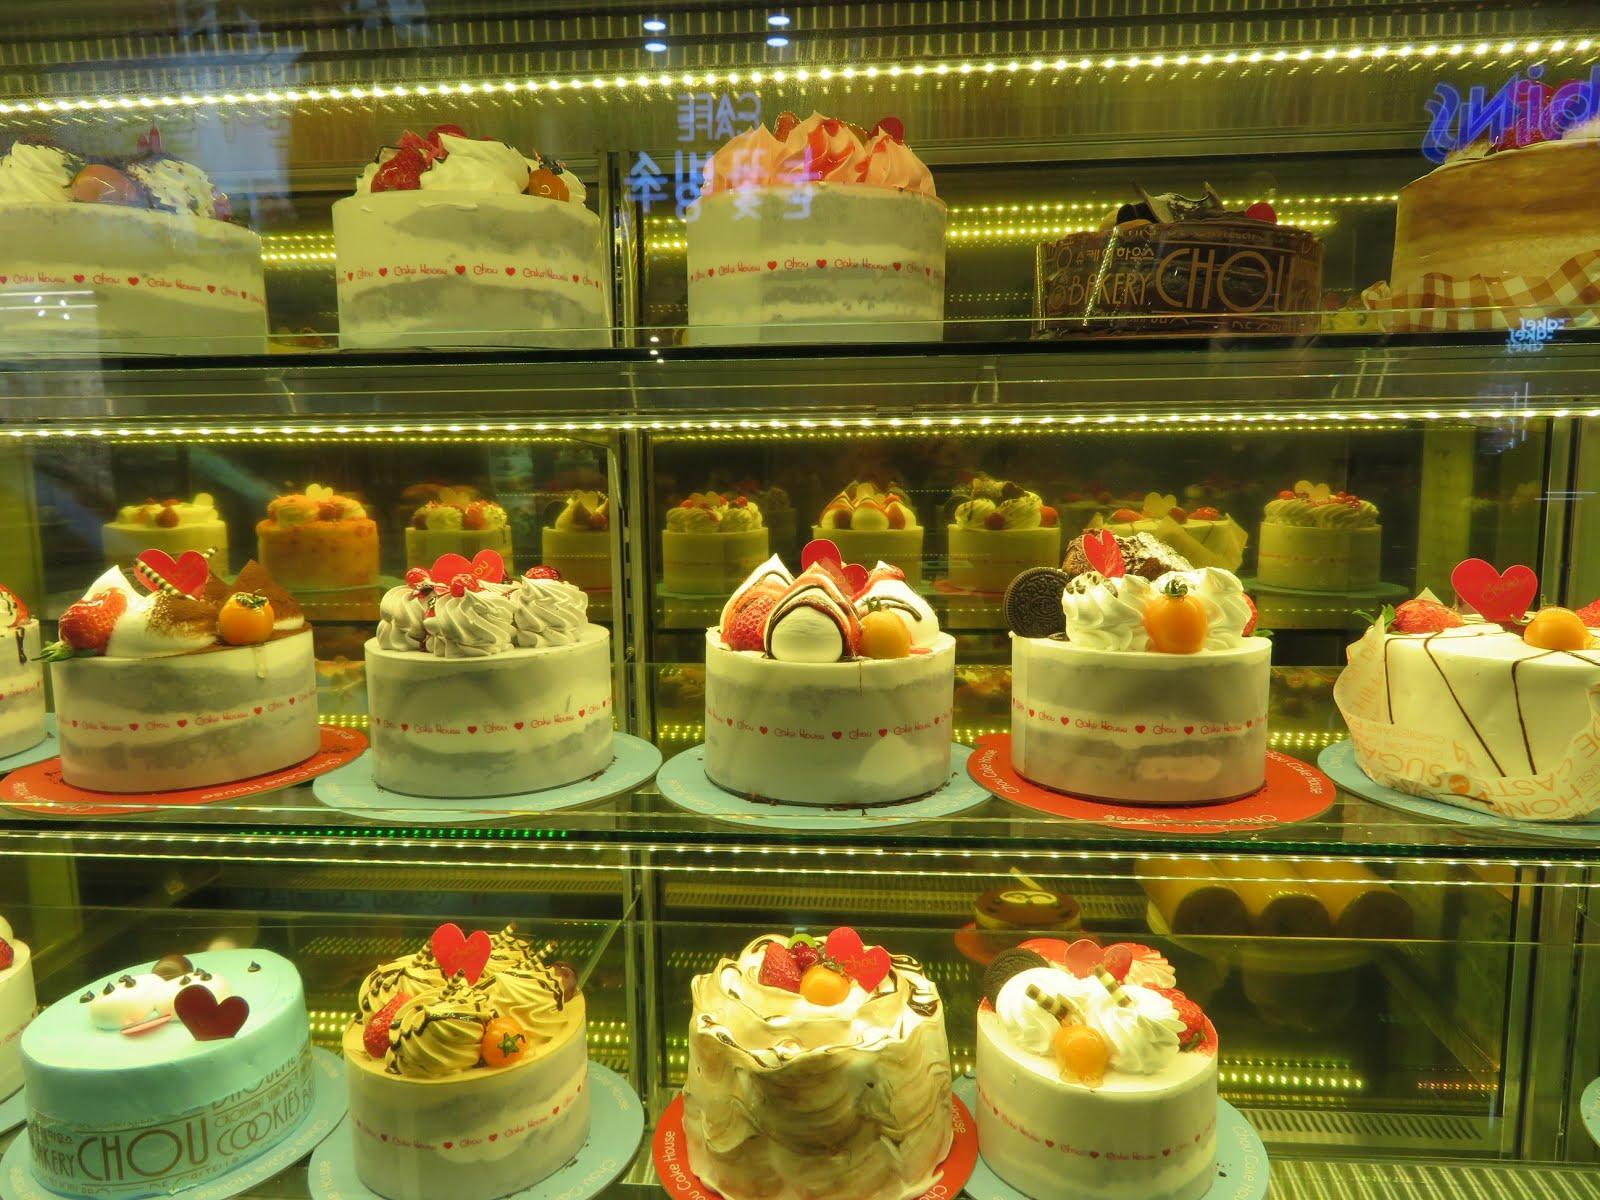 Chou Bakery, Suwon